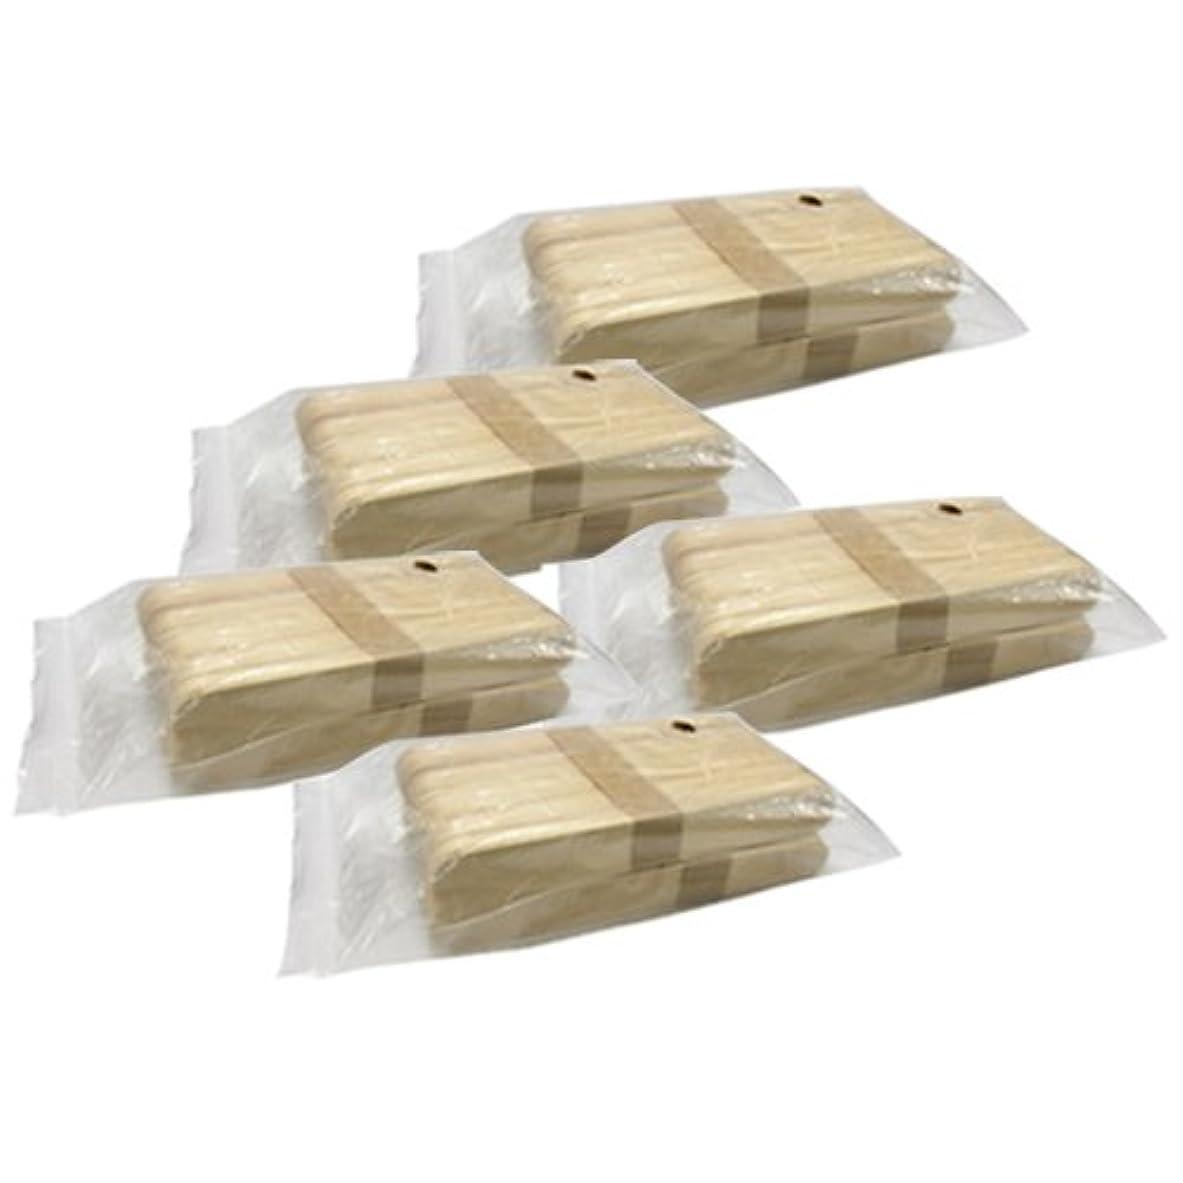 レタスロッカーパドル使い捨て【木ベラ/ウッドスパチュラ】(業務用100枚入り) × 5袋セット(計500枚)/WAX脱毛等や舌厚子にも …